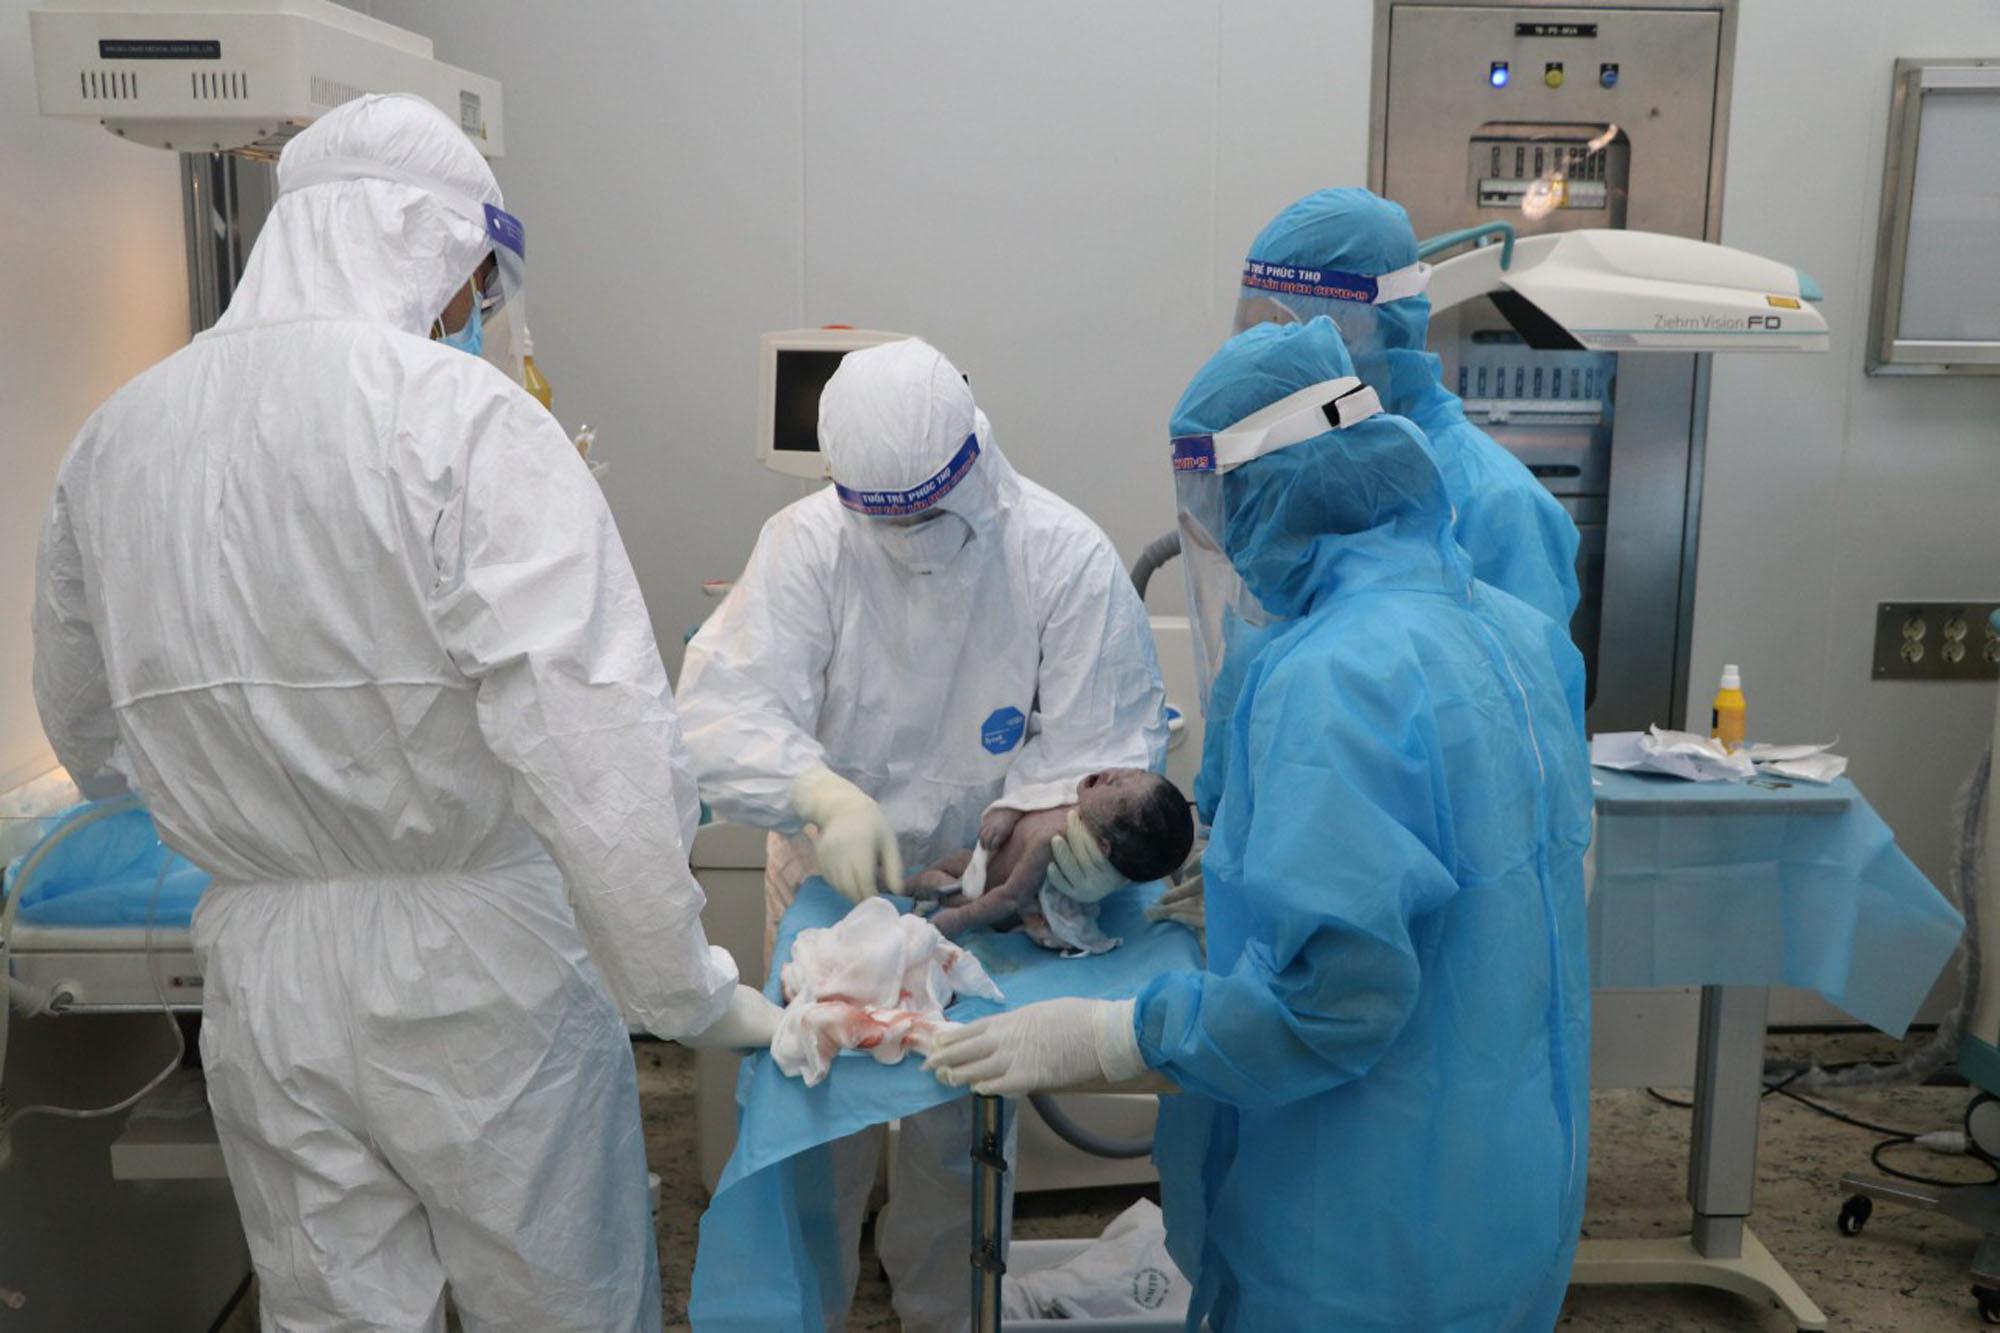 Xúc động hình ảnh xuất viện của mẹ con sản phụ mắc Covid-19, sinh mổ cấp cứu trong khu cách ly  - Ảnh 5.